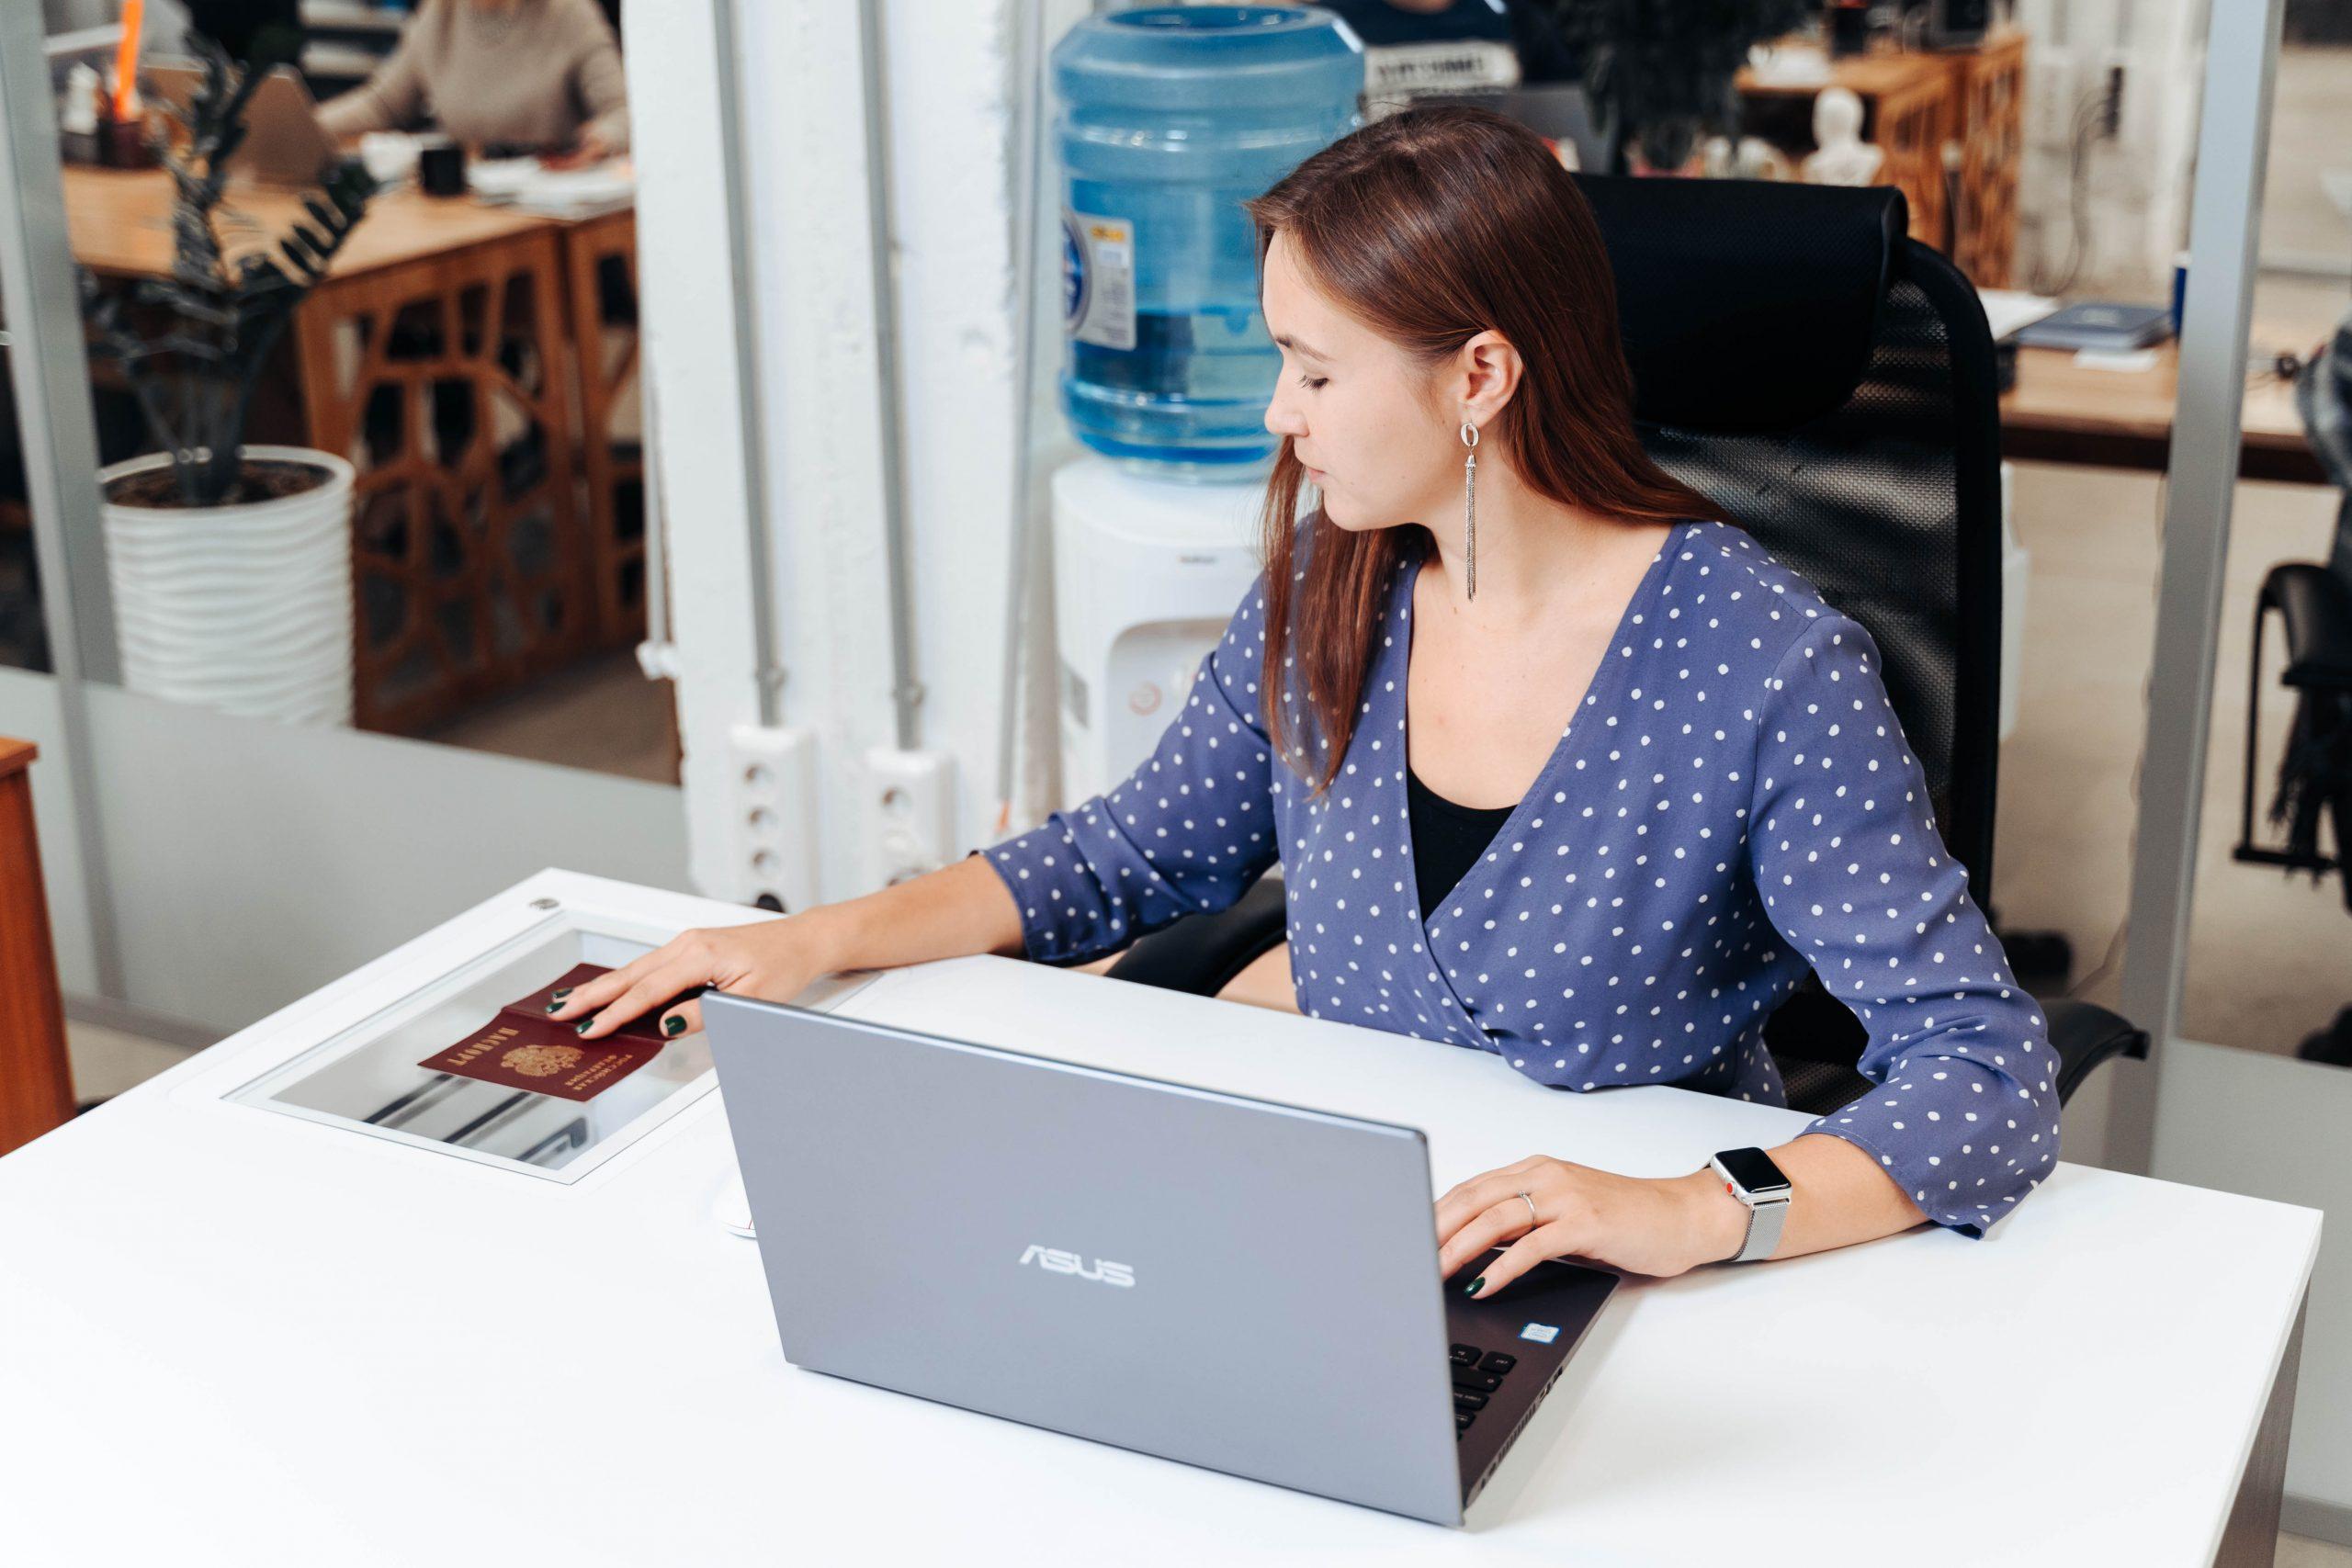 Девушка сканирует паспорт с помощью «Промобот Сканер»